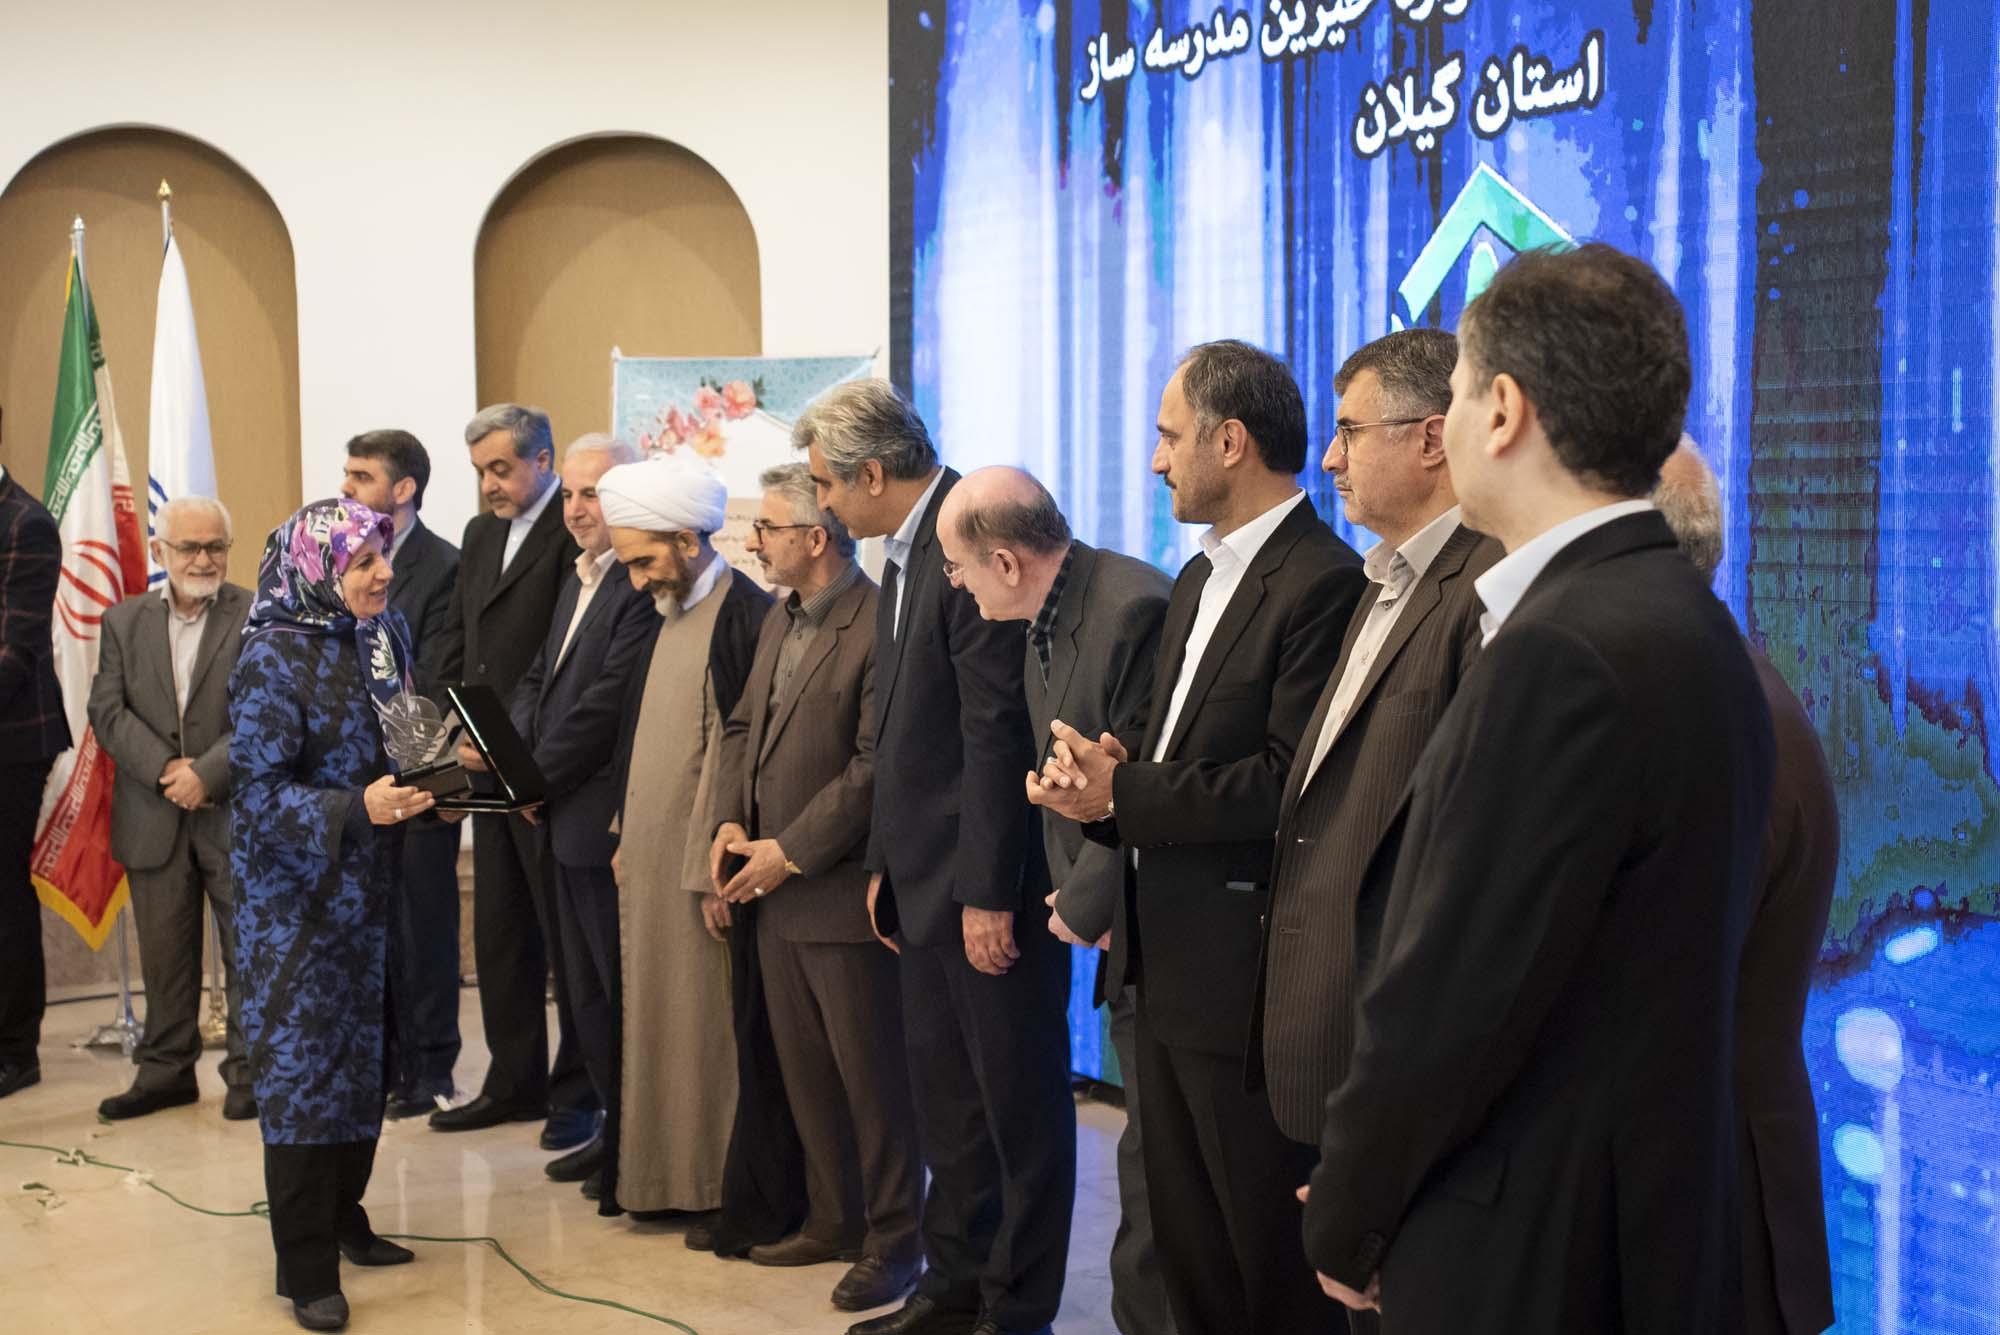 بیست و یکمین جشنواره خیرین مدرسه ساز استان گیلان درهتل شهرزاد لاهیجان برگزار شد